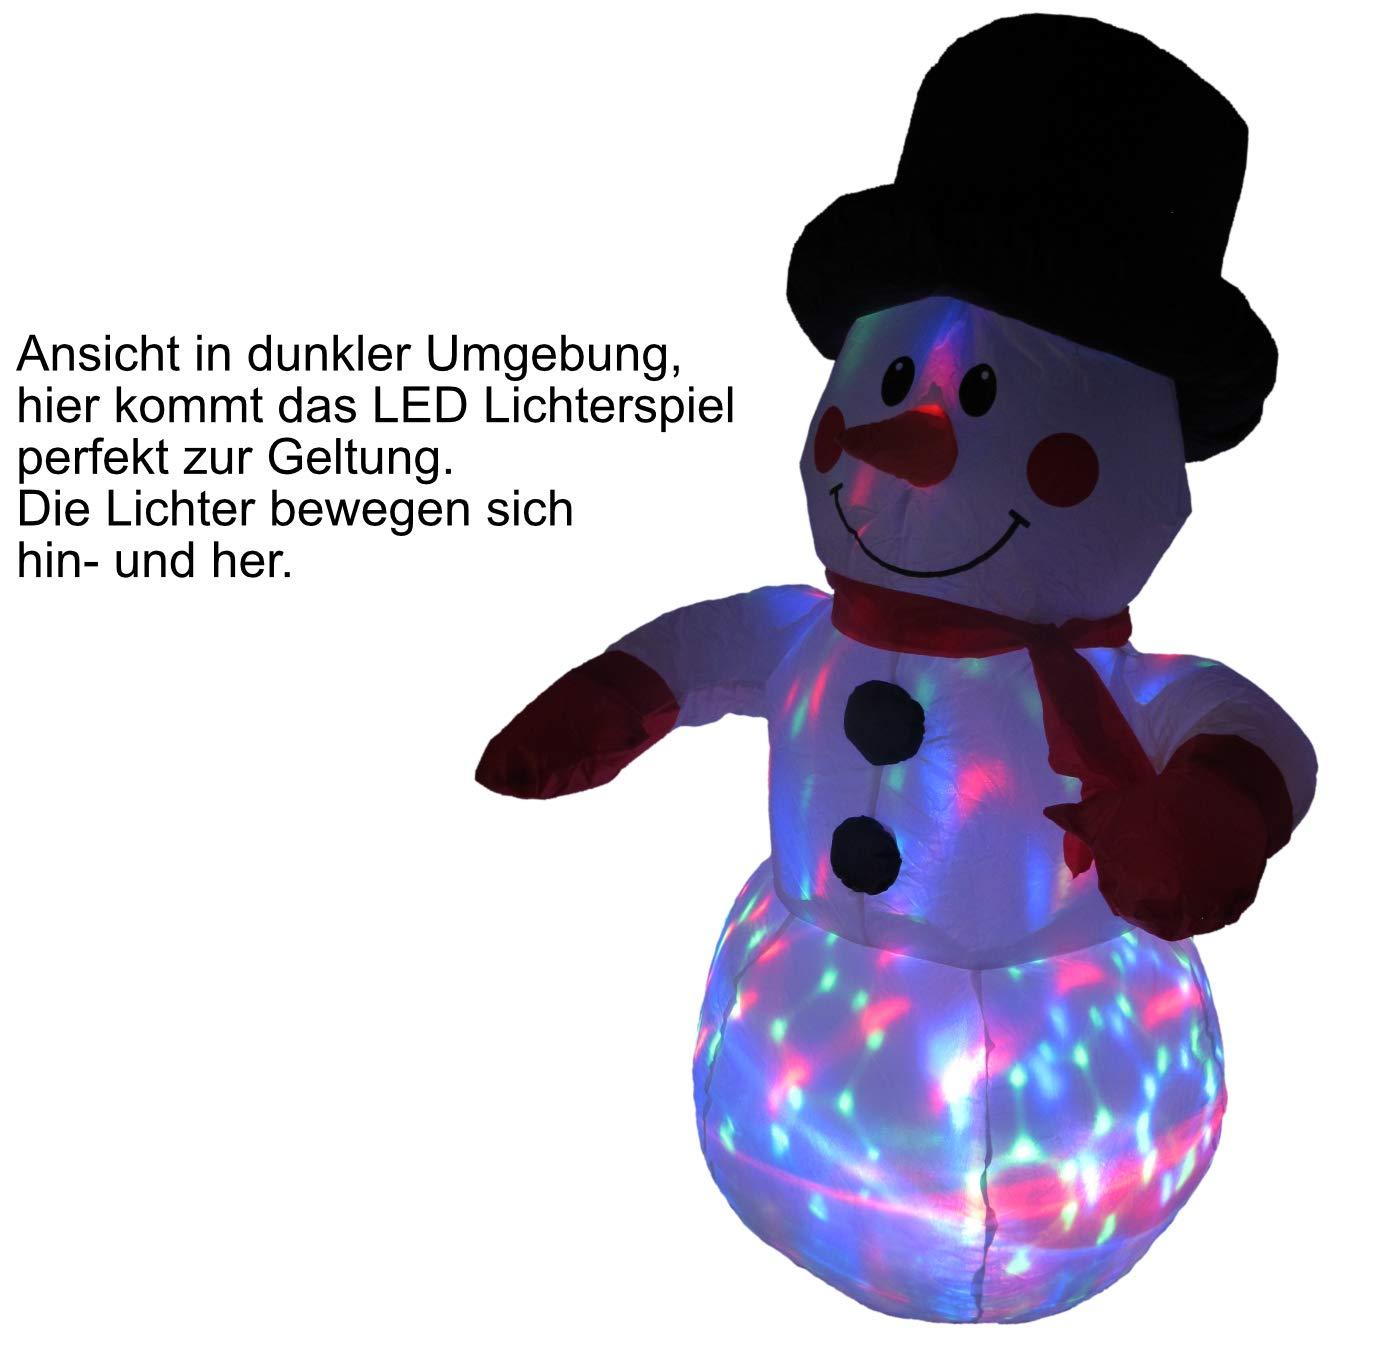 Selbstaufblasender-Schneemann-mit-LED-Lichterspiel-120-cm-inkl-Spannseilen-und-Heringen-Deko-Figur-mit-bunten-Lichtern-fr-Auen-und-Innen